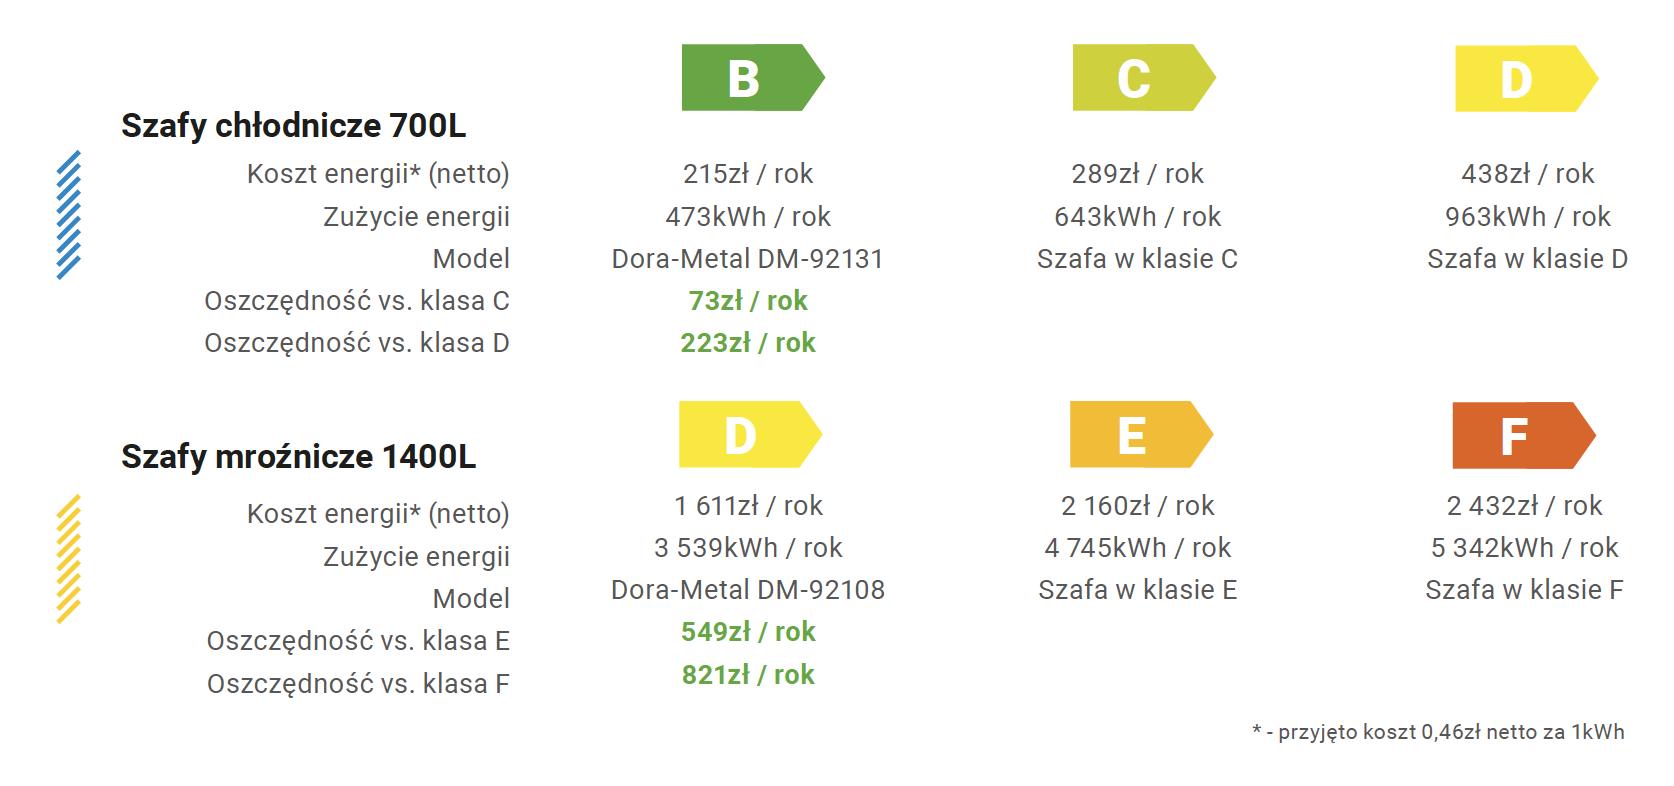 przykładowe wyliczenia klas energetycznych